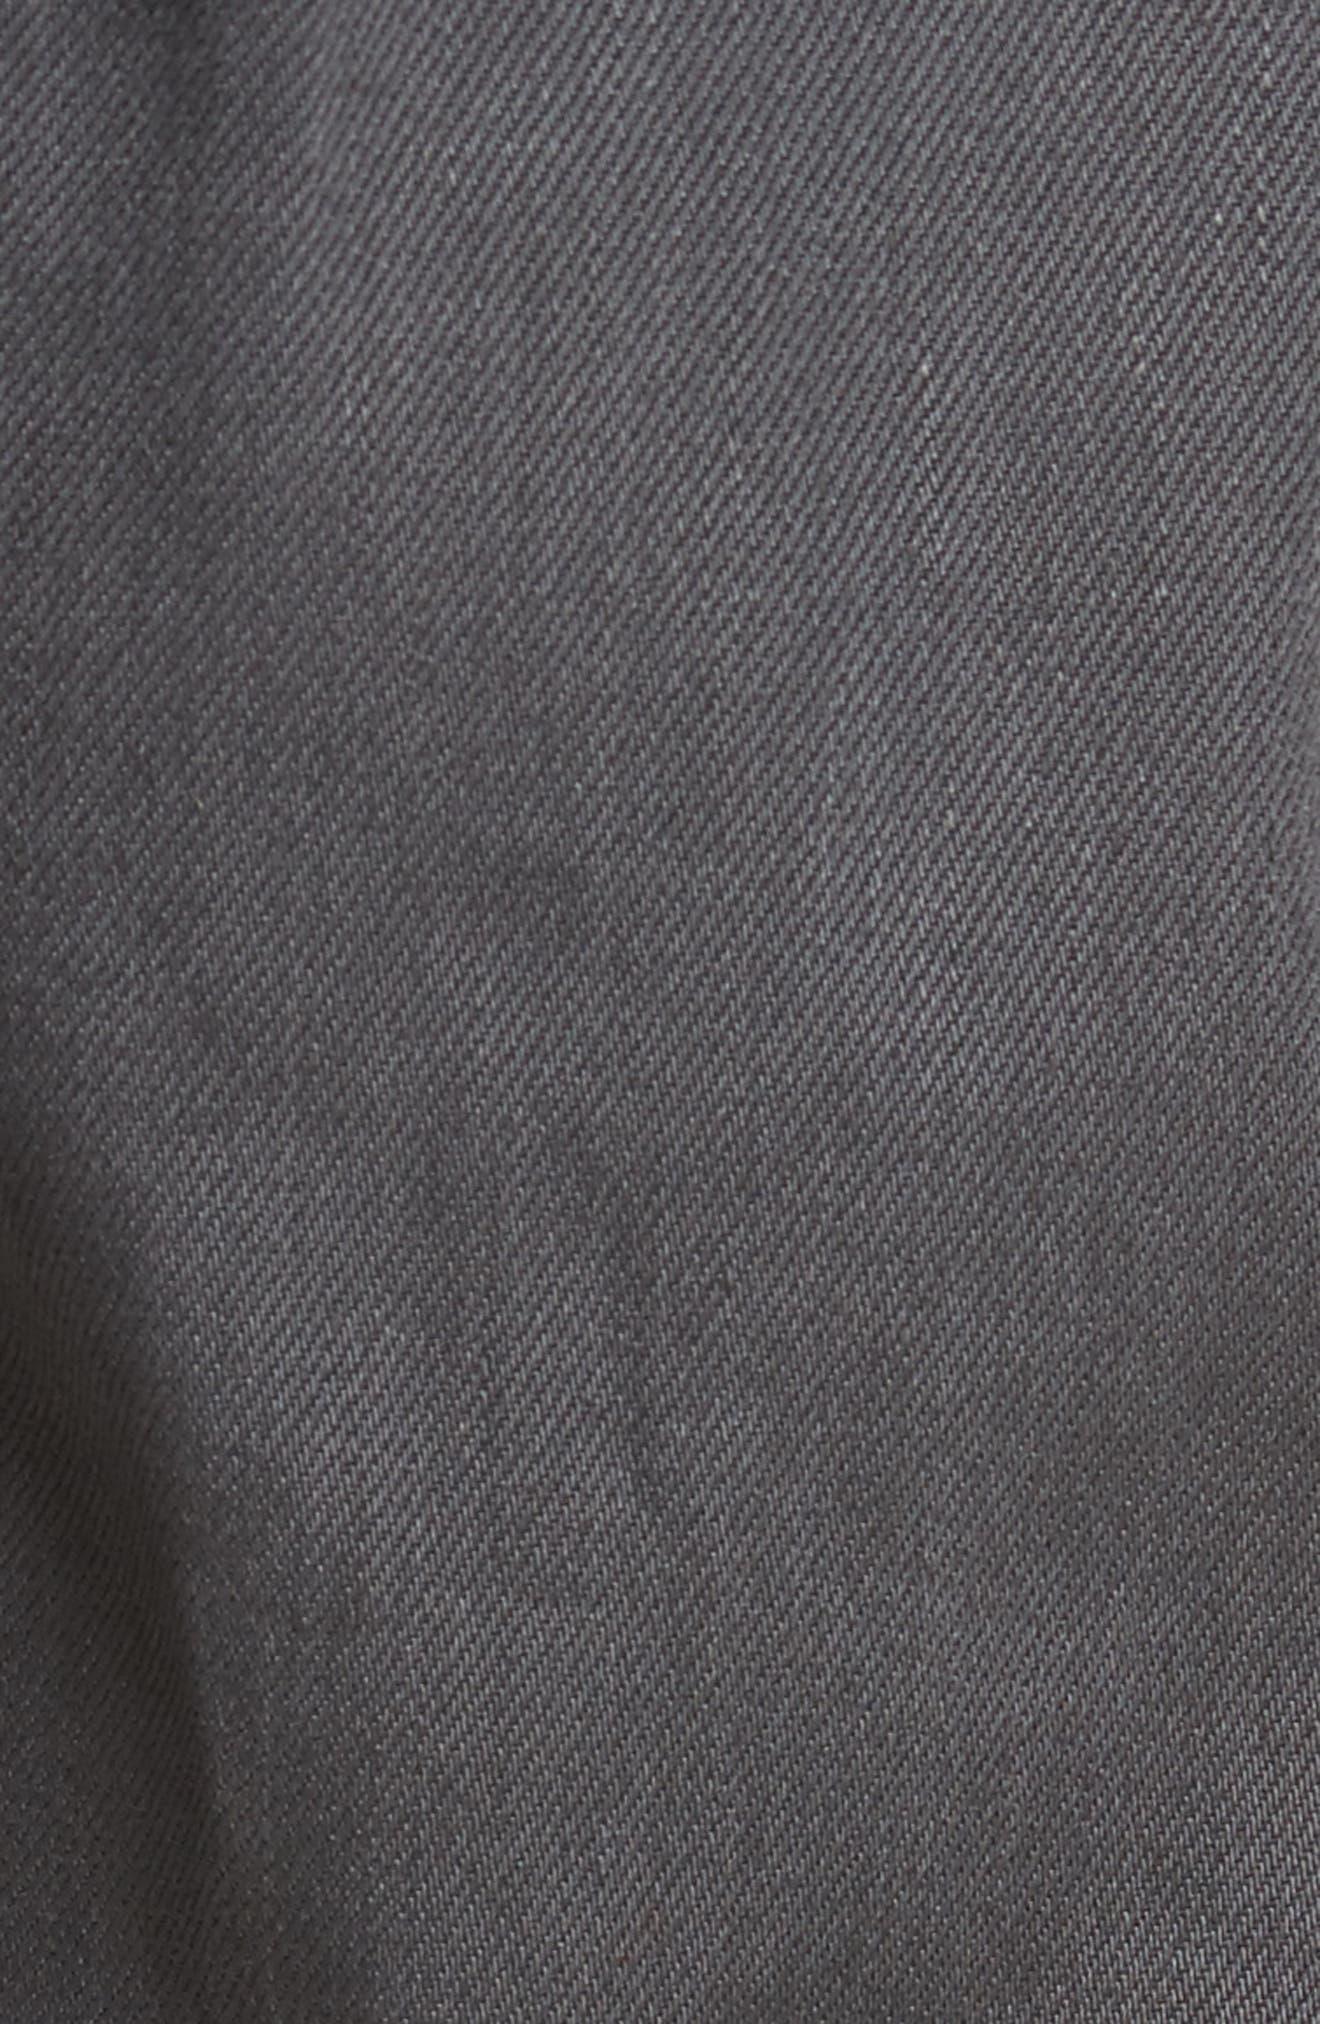 Fit 2 Slim Fit Jeans,                             Alternate thumbnail 5, color,                             002